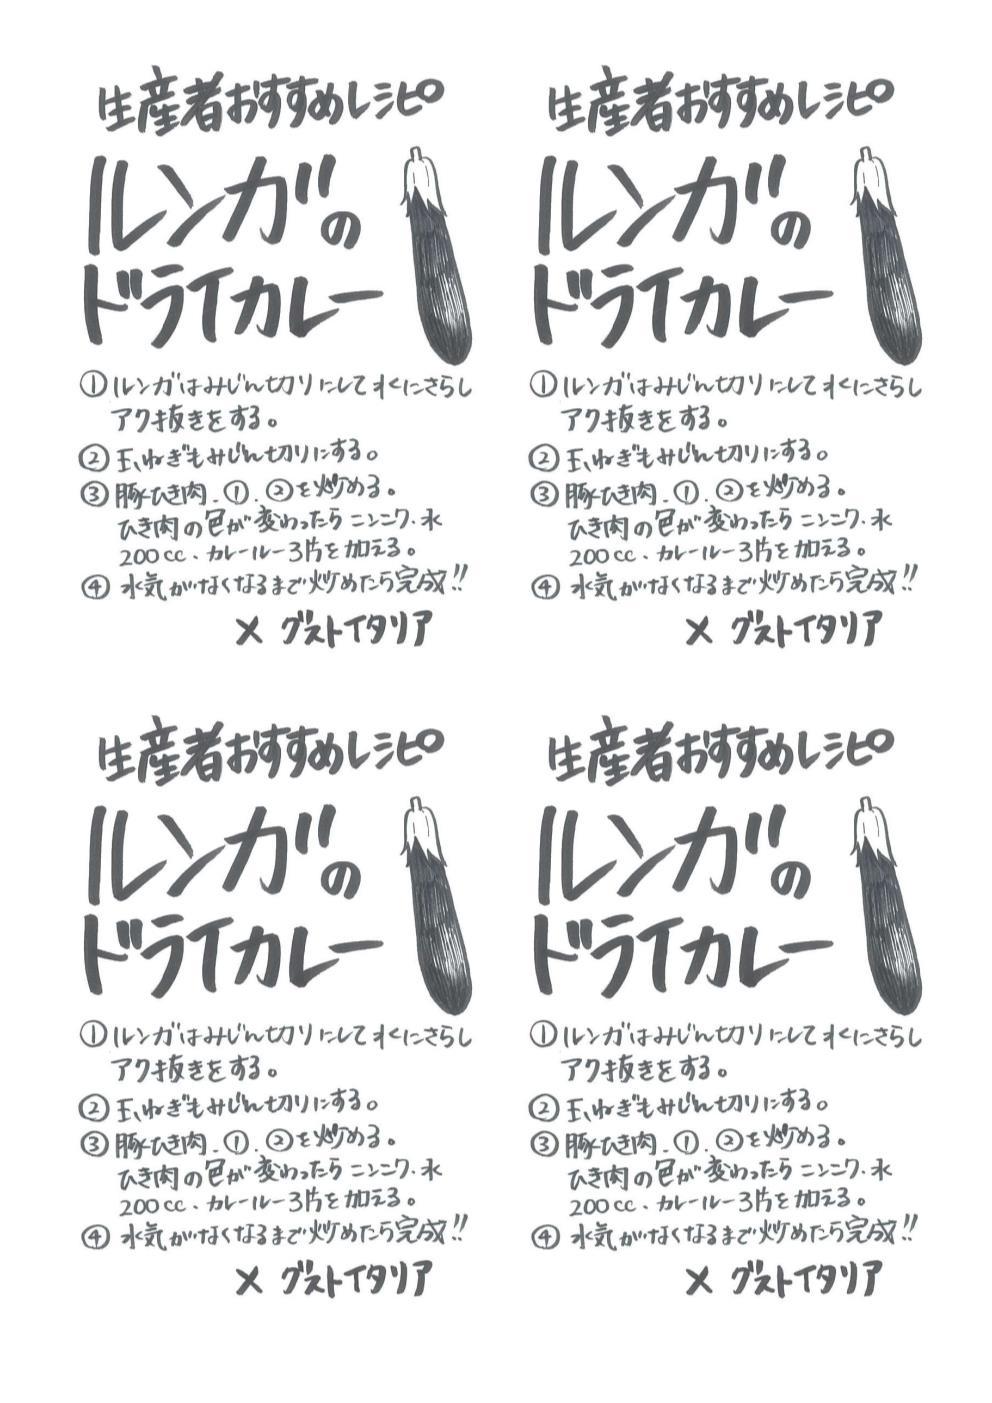 ルンガのドライカレー手書きレシピ